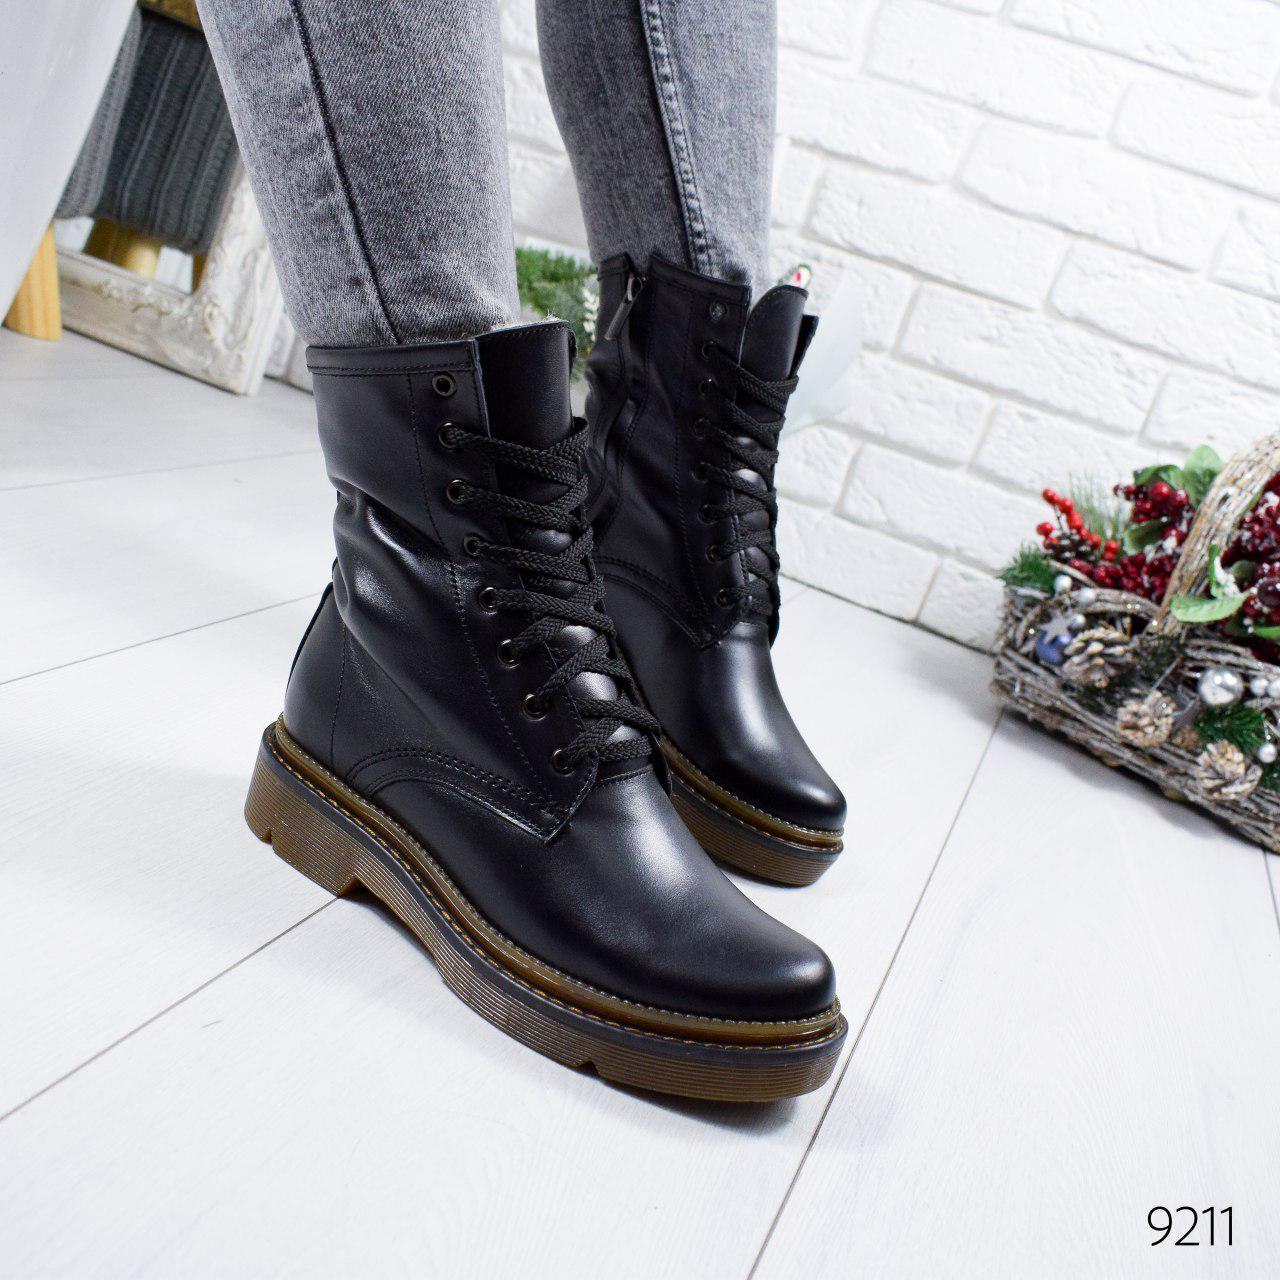 """Ботинки женские зимние, черного цвета из натуральной кожи """"9211"""". Черевики жіночі. Ботинки теплые"""